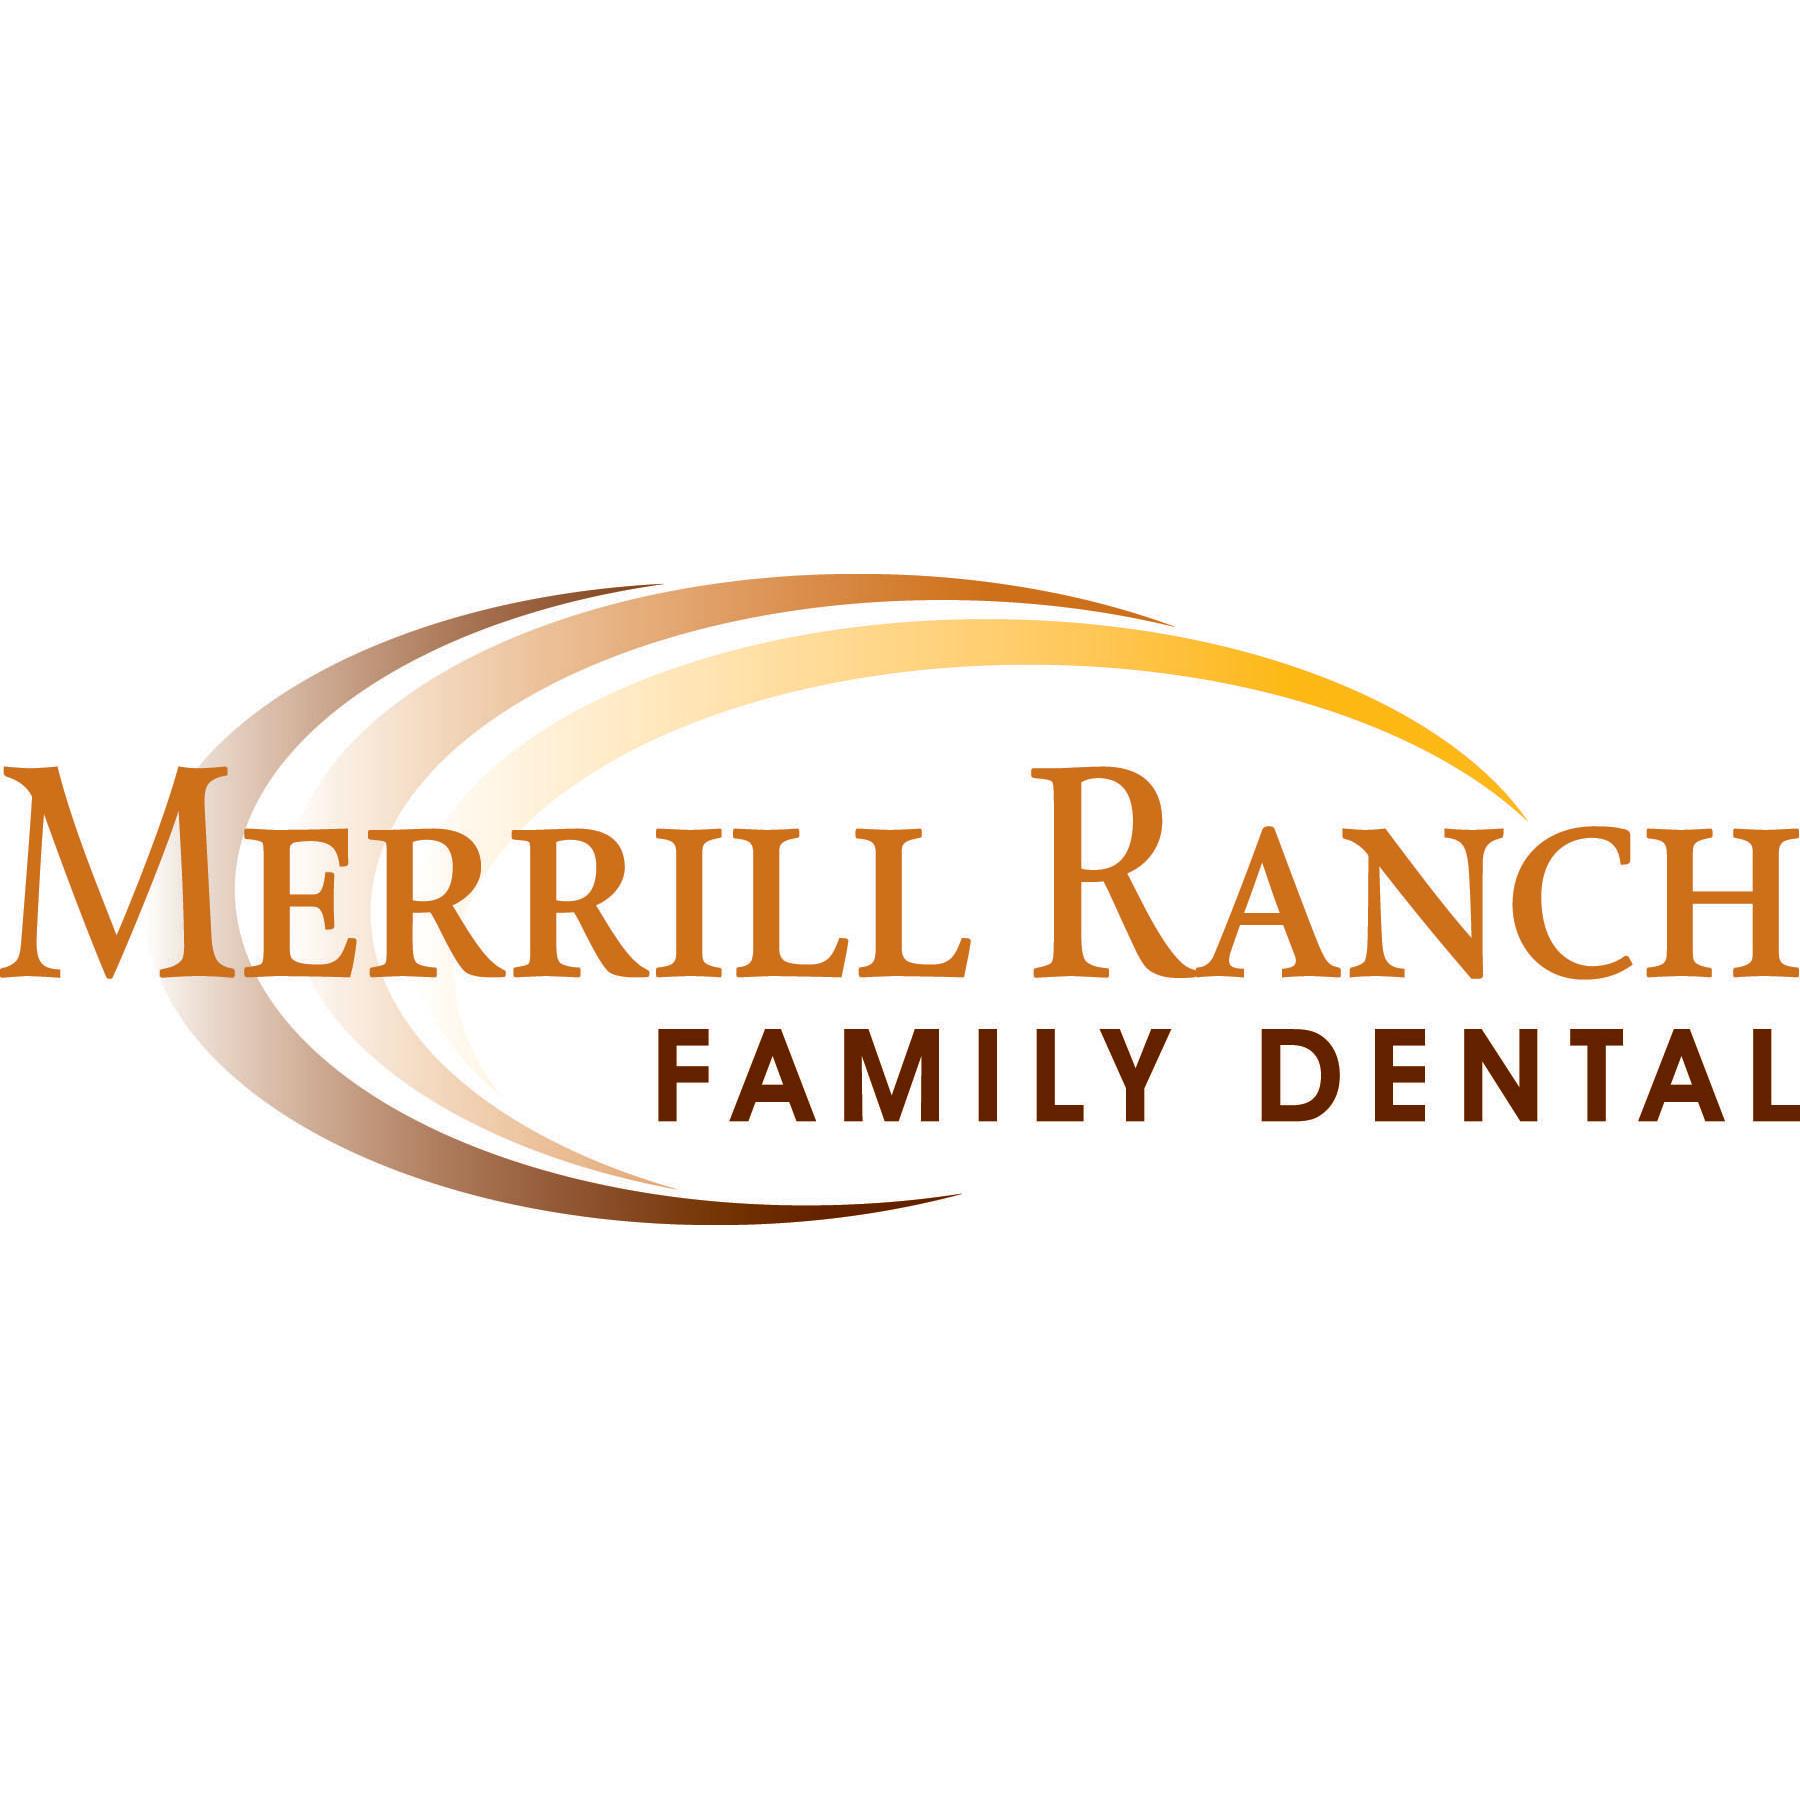 Merrill Ranch Family Dental